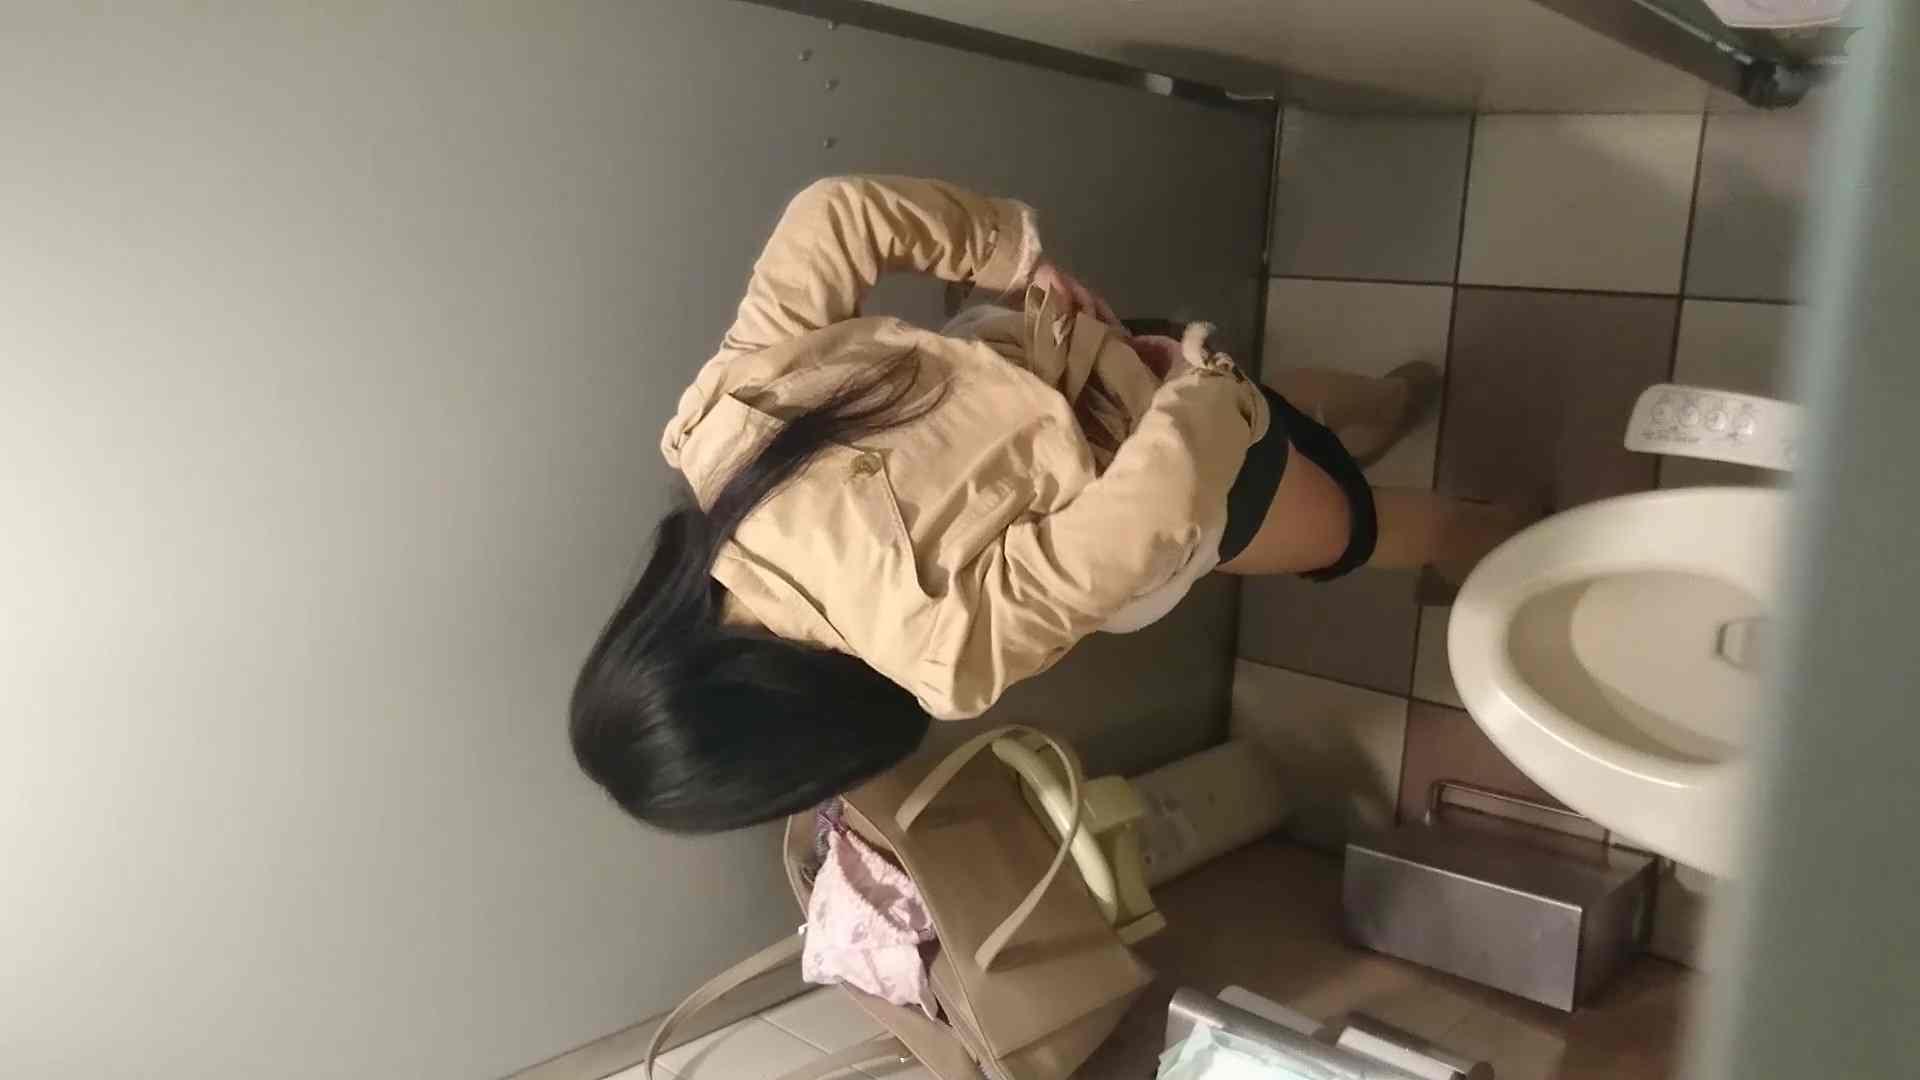 化粧室絵巻 ショッピングモール編 VOL.19 OL  93pic 34